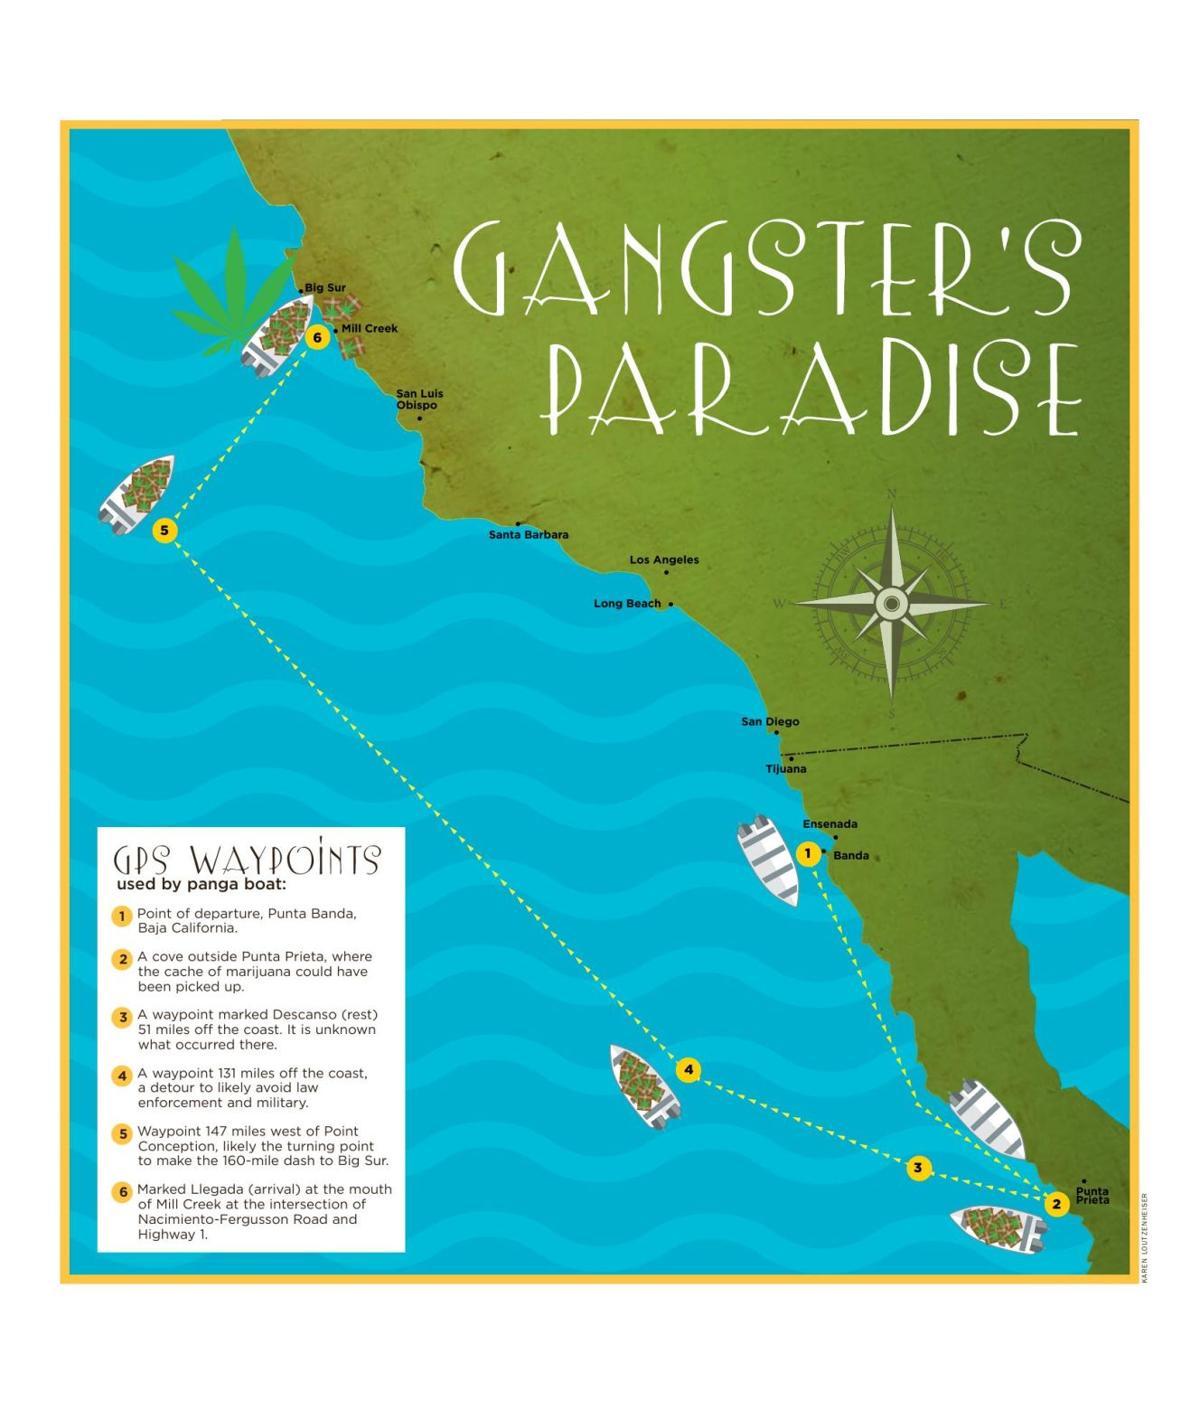 Panga Route